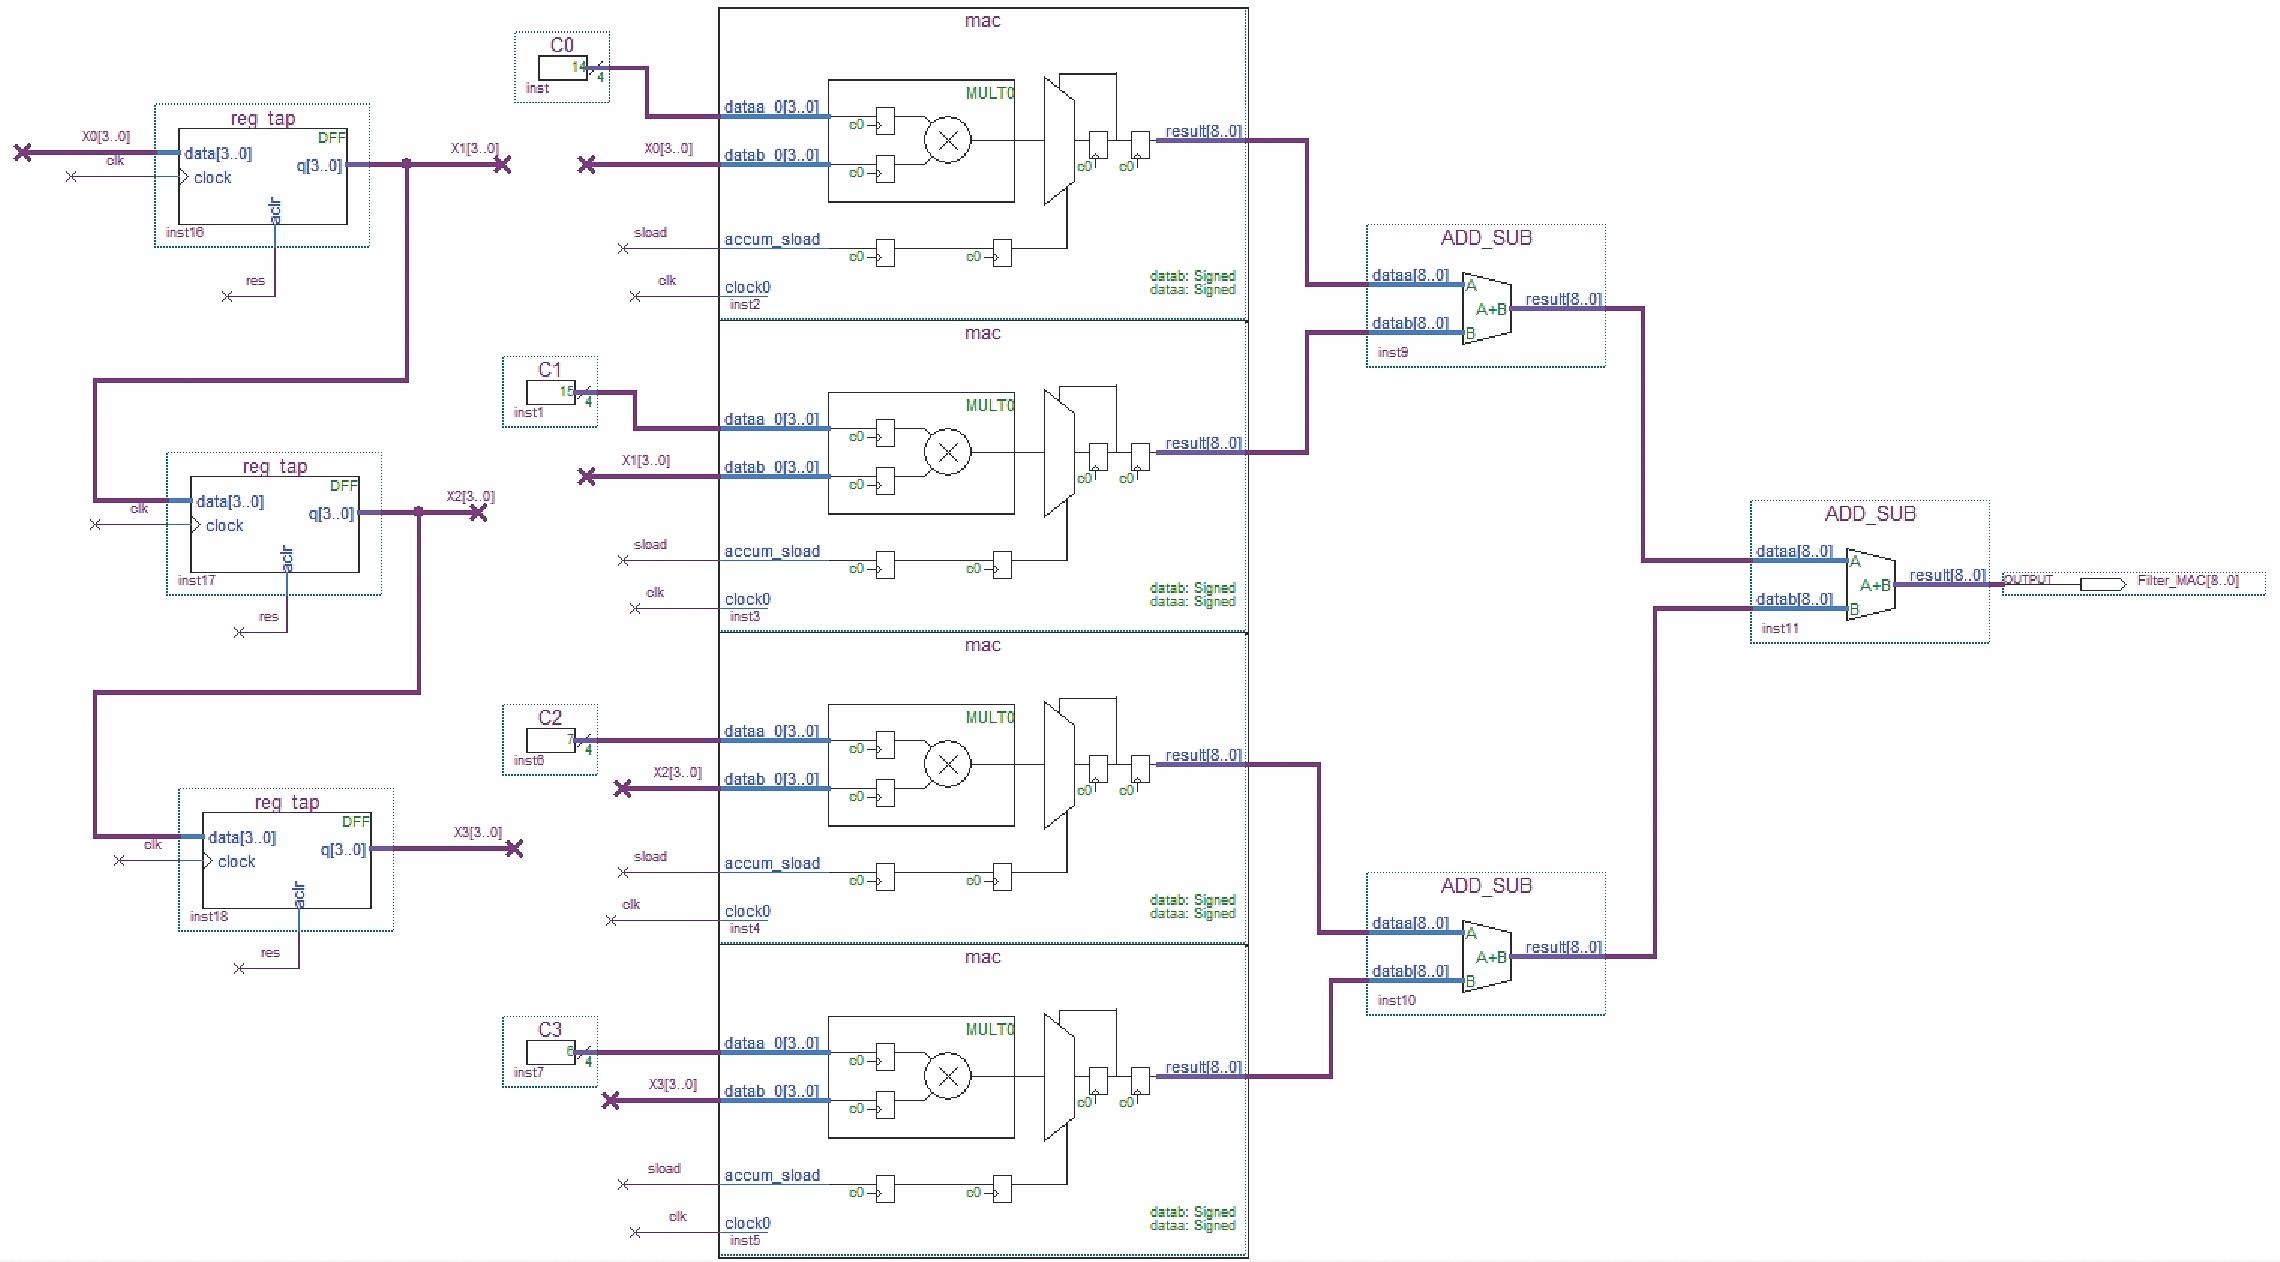 Параллельная реализация КИХ-фильтра на четыре отвода с использованием четырех блоков в САПР ПЛИС Quartus II (мегафункция ALTMULT_ACCUM)